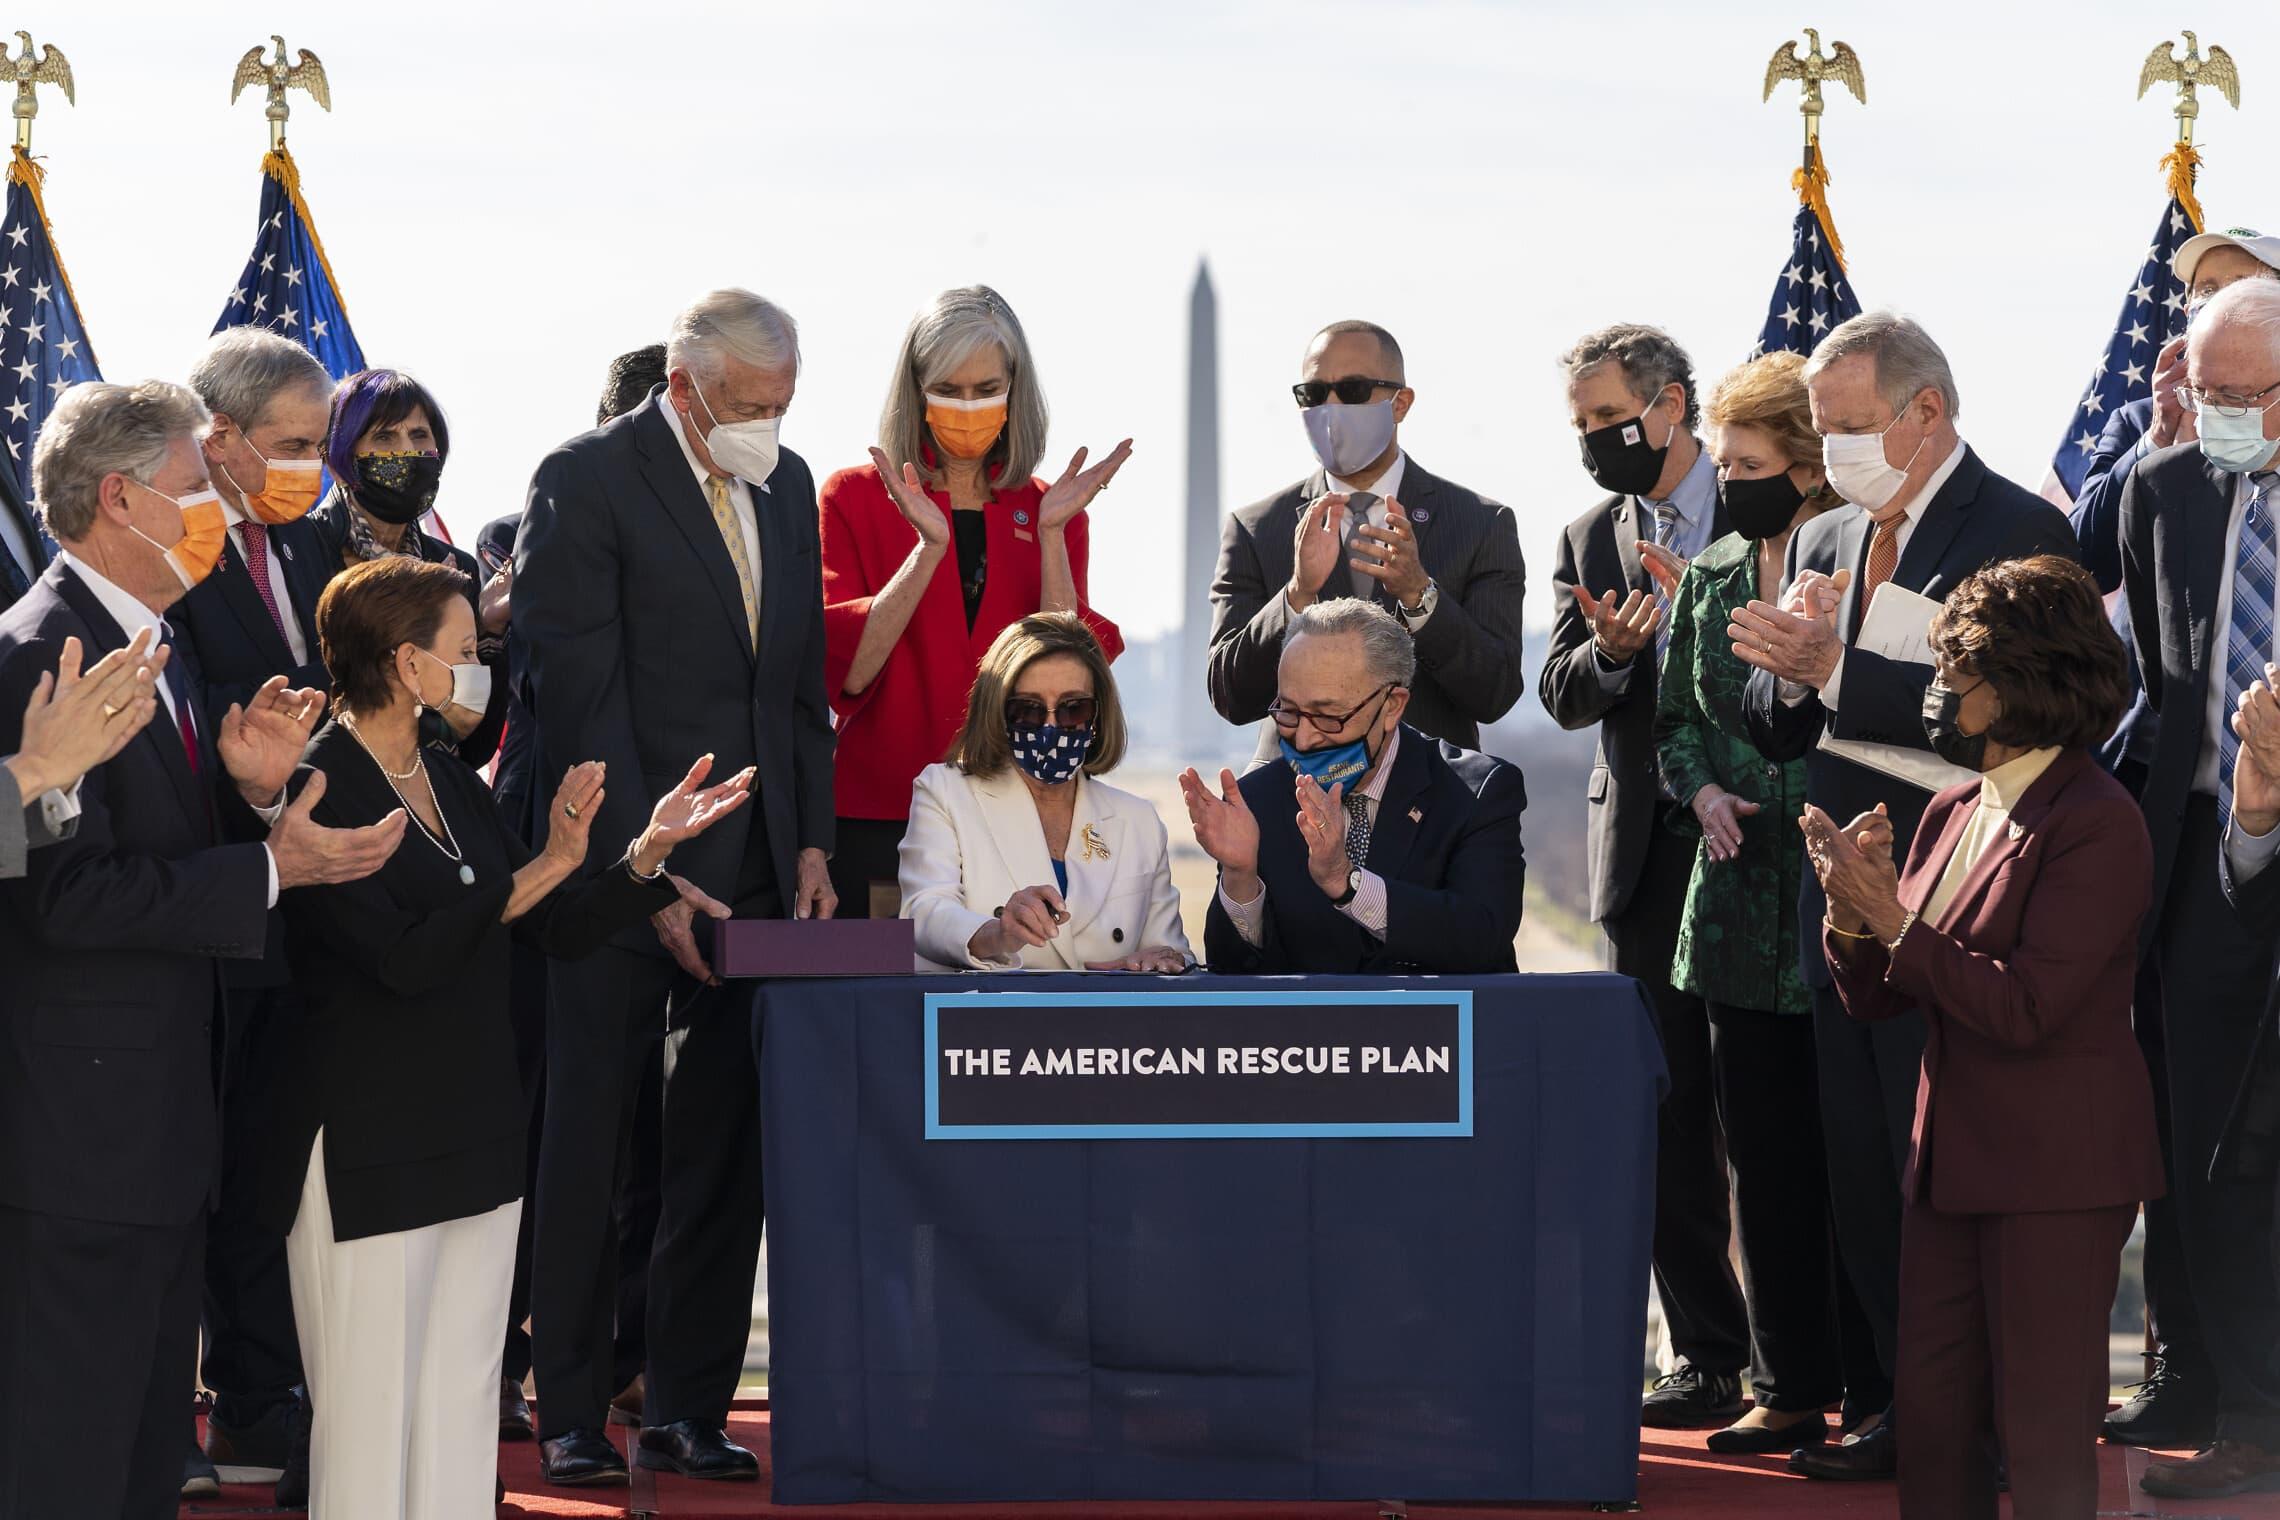 ננסי פלוסי וצ'אק שומר חוגגים את העברת חוק התקציב לחבילת הסיוע בסך 1.9 טריליון דולר, 10 במרץ 2021 (צילום: AP Photo/Alex Brandon)